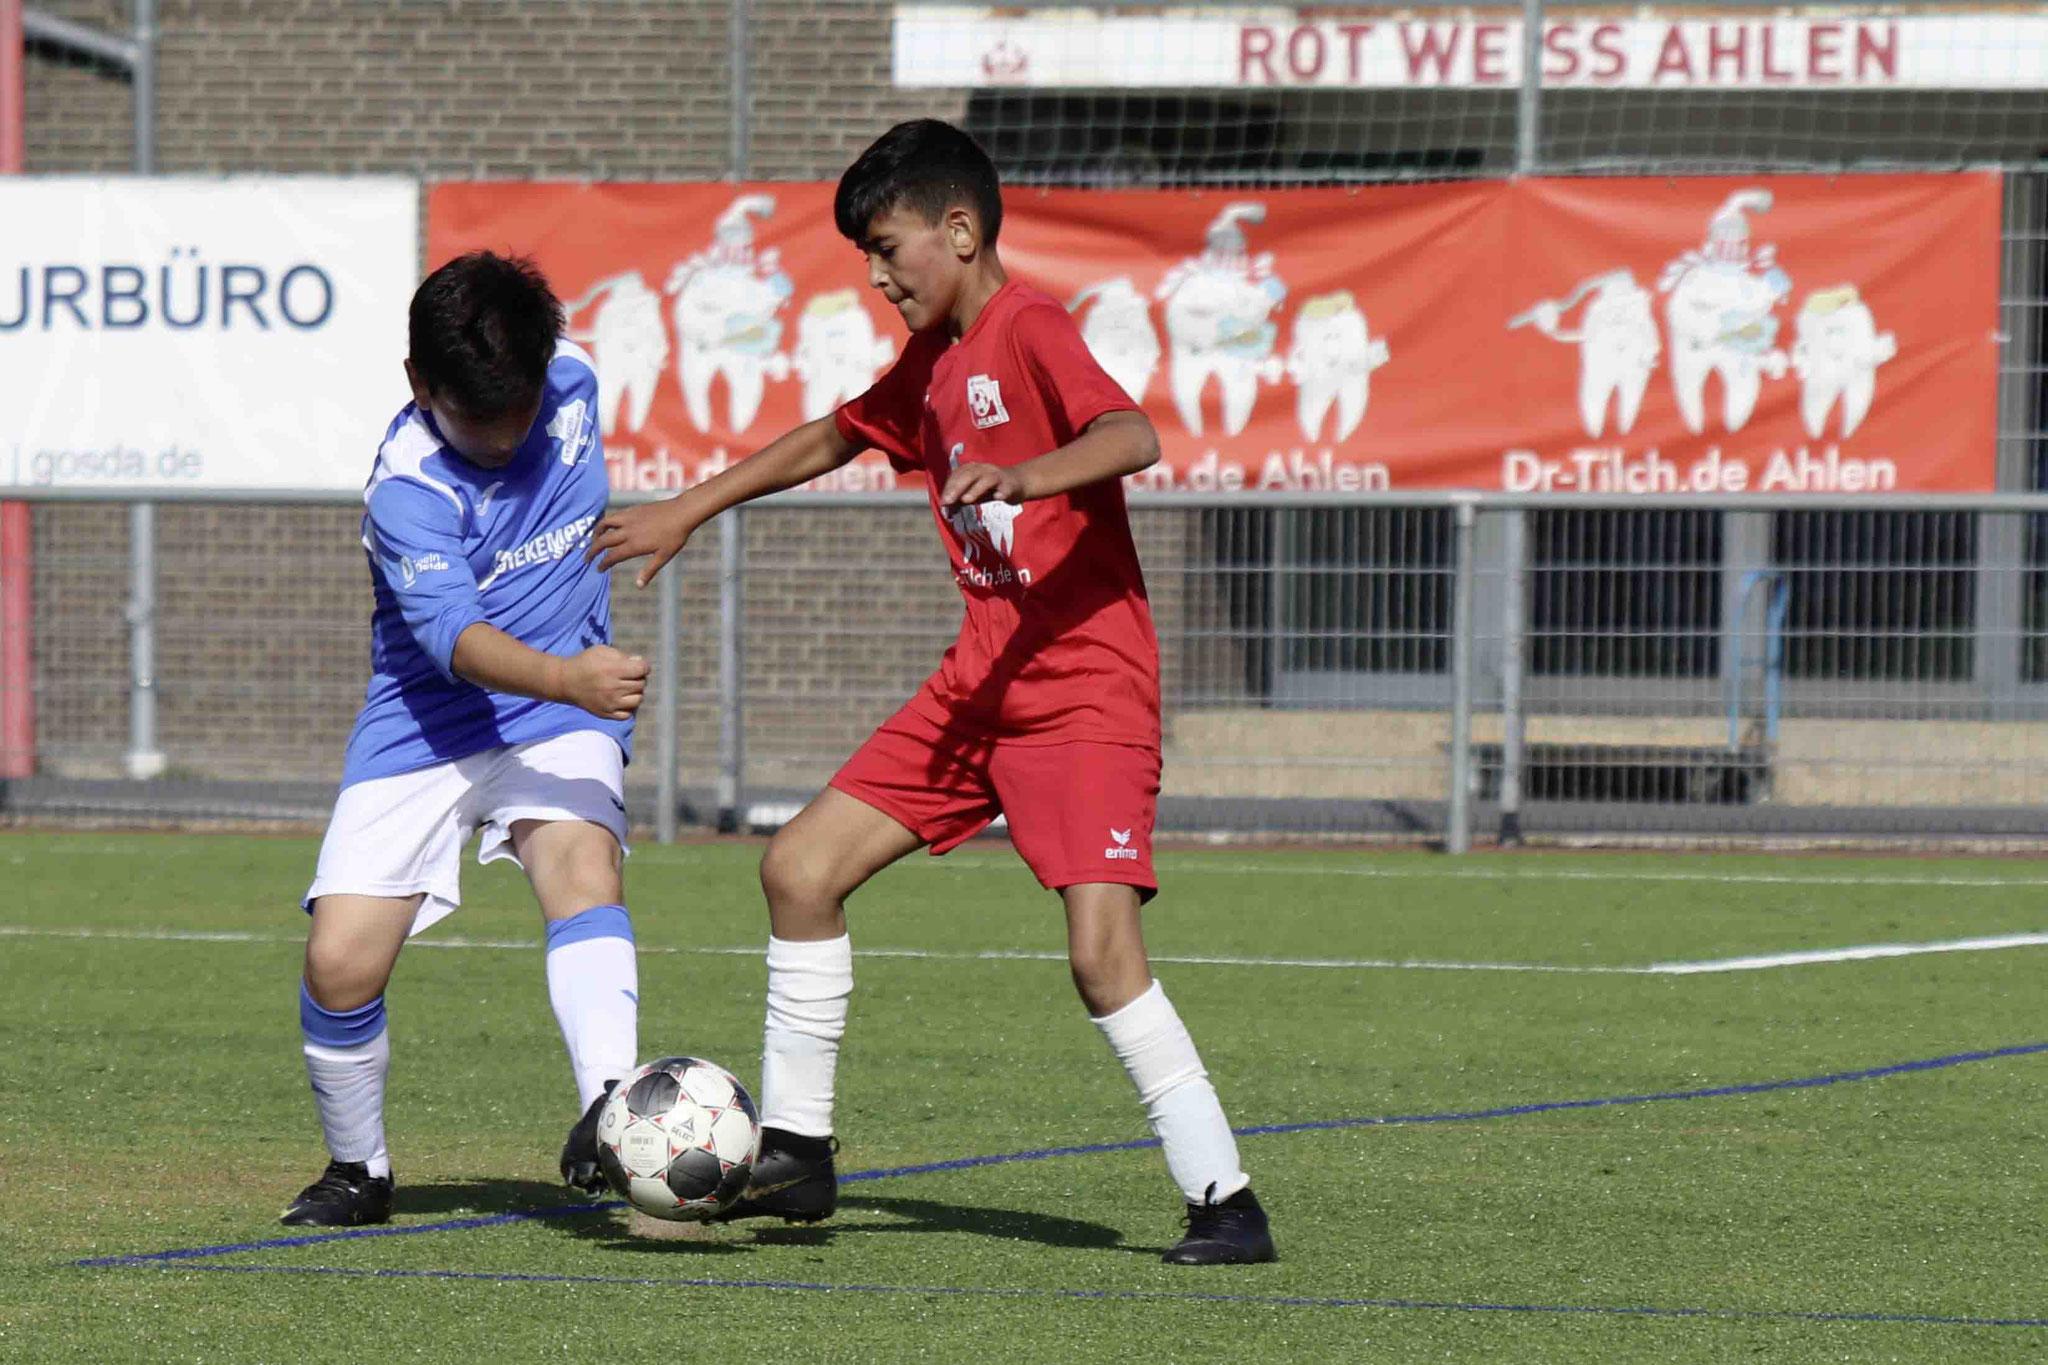 Rot Weiss Ahlen U12 D2 gegen Oelde II